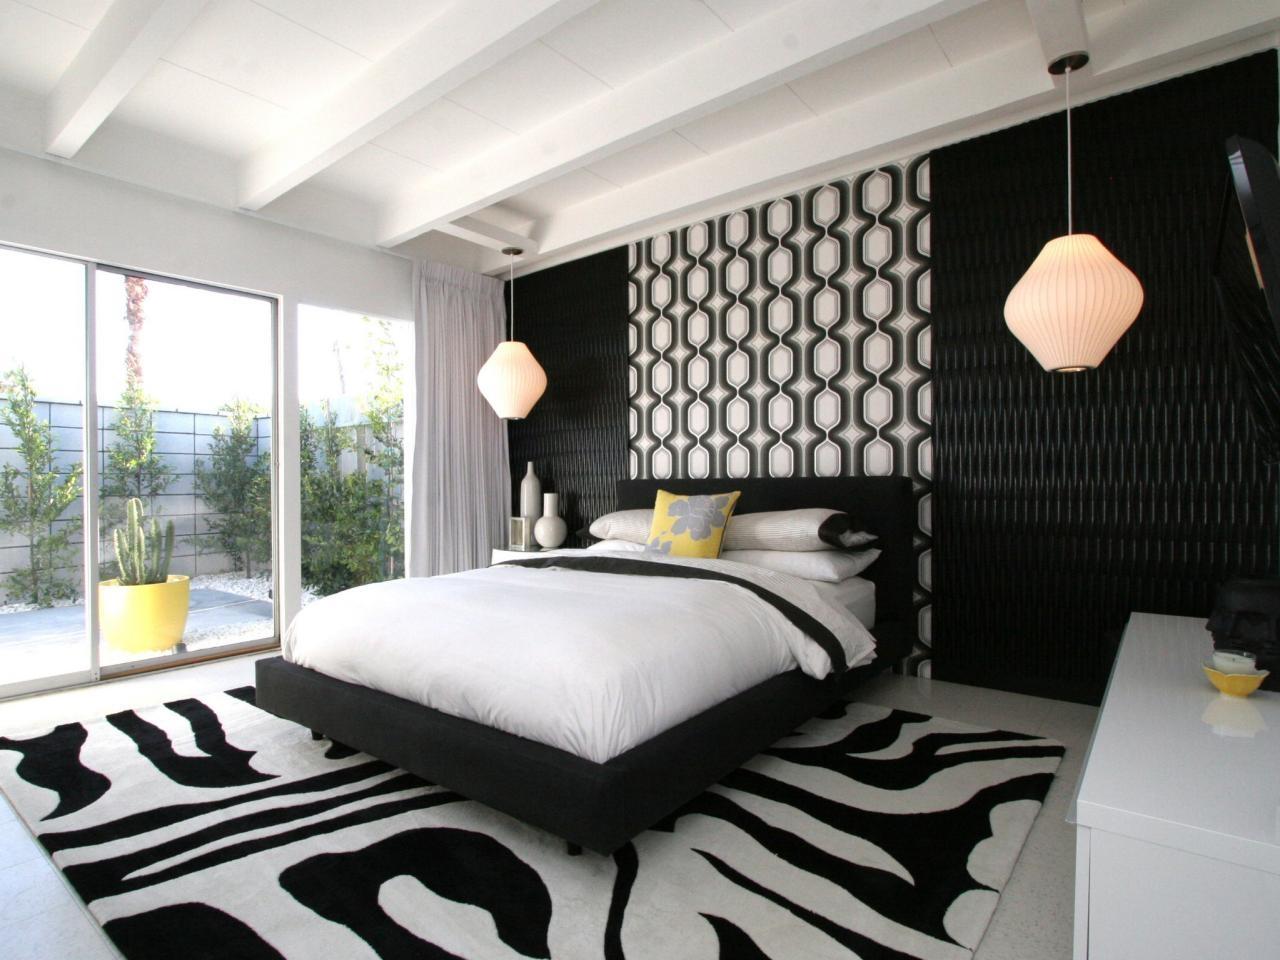 Camera Da Letto Bianca E Nera camera da letto in bianco e nero (76 foto): interior design